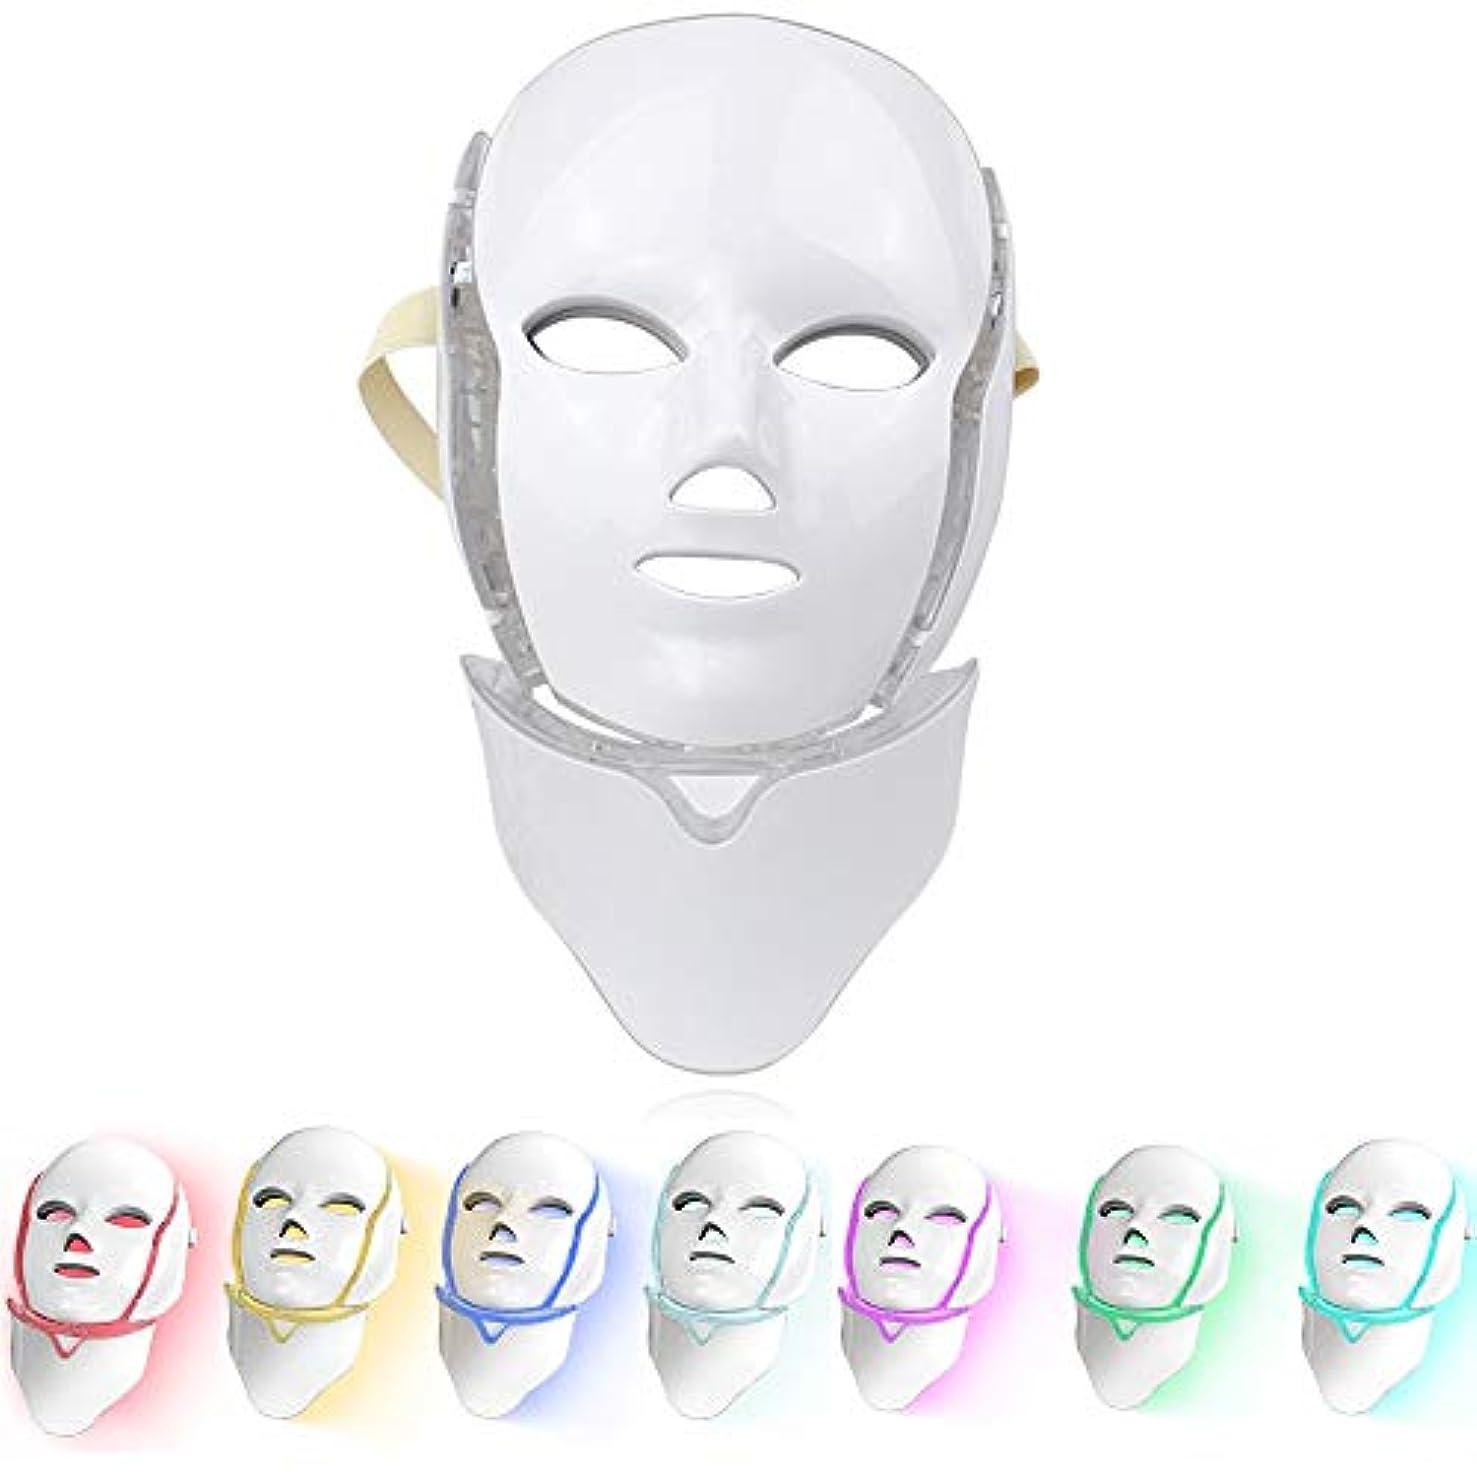 ワーカーバナーレコーダーLED光線療法マスク(ネック付き)7色光線治療スキンケア美容光線療法アンチエイジングアクネリンクルマスク